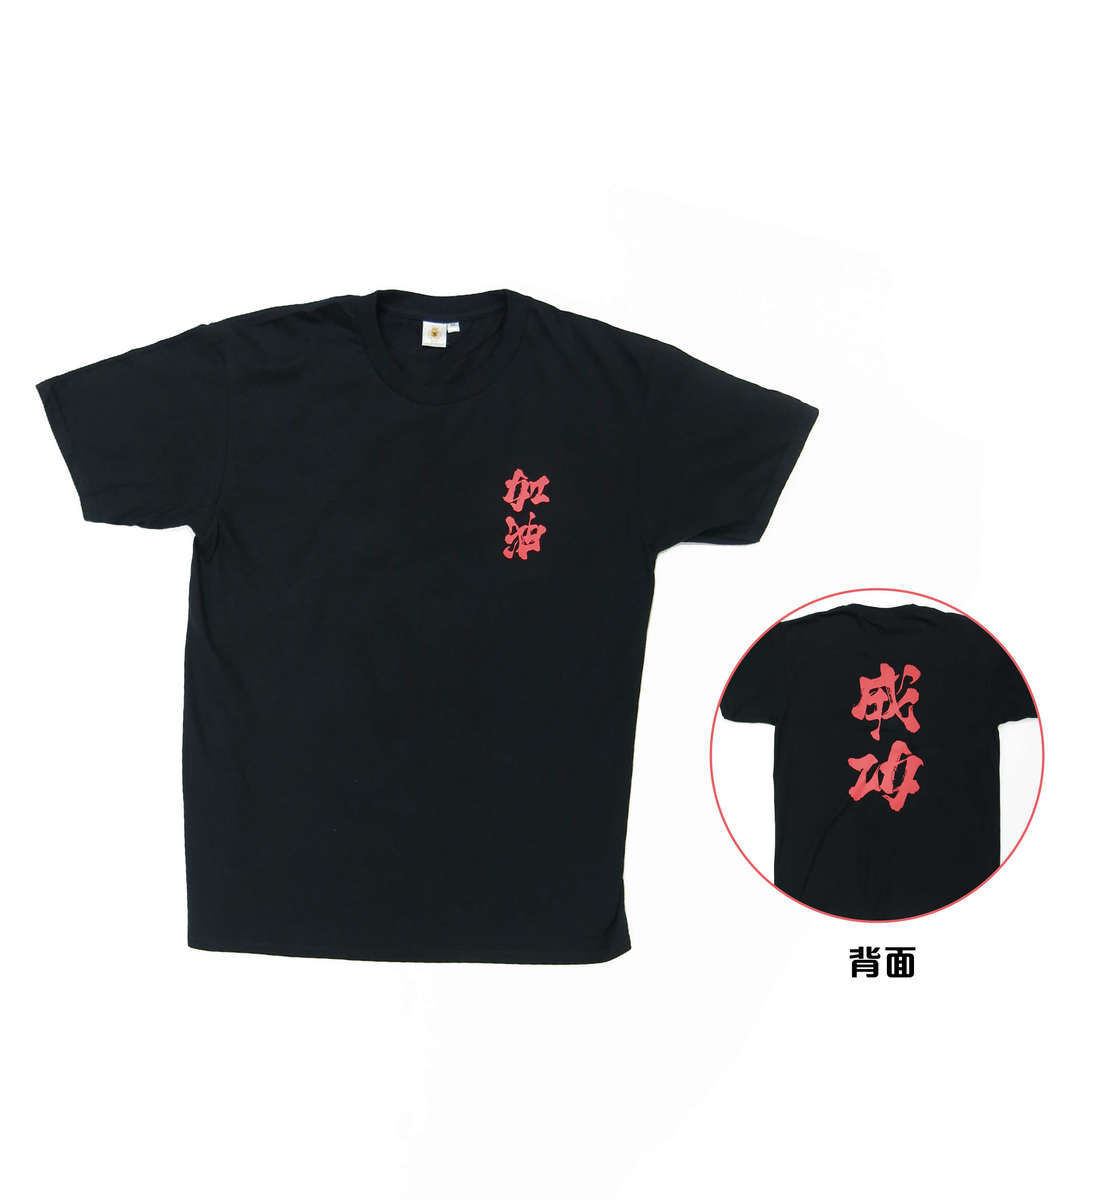 加油(F)/成功(B)-Tshirt-黑底紅字(M)